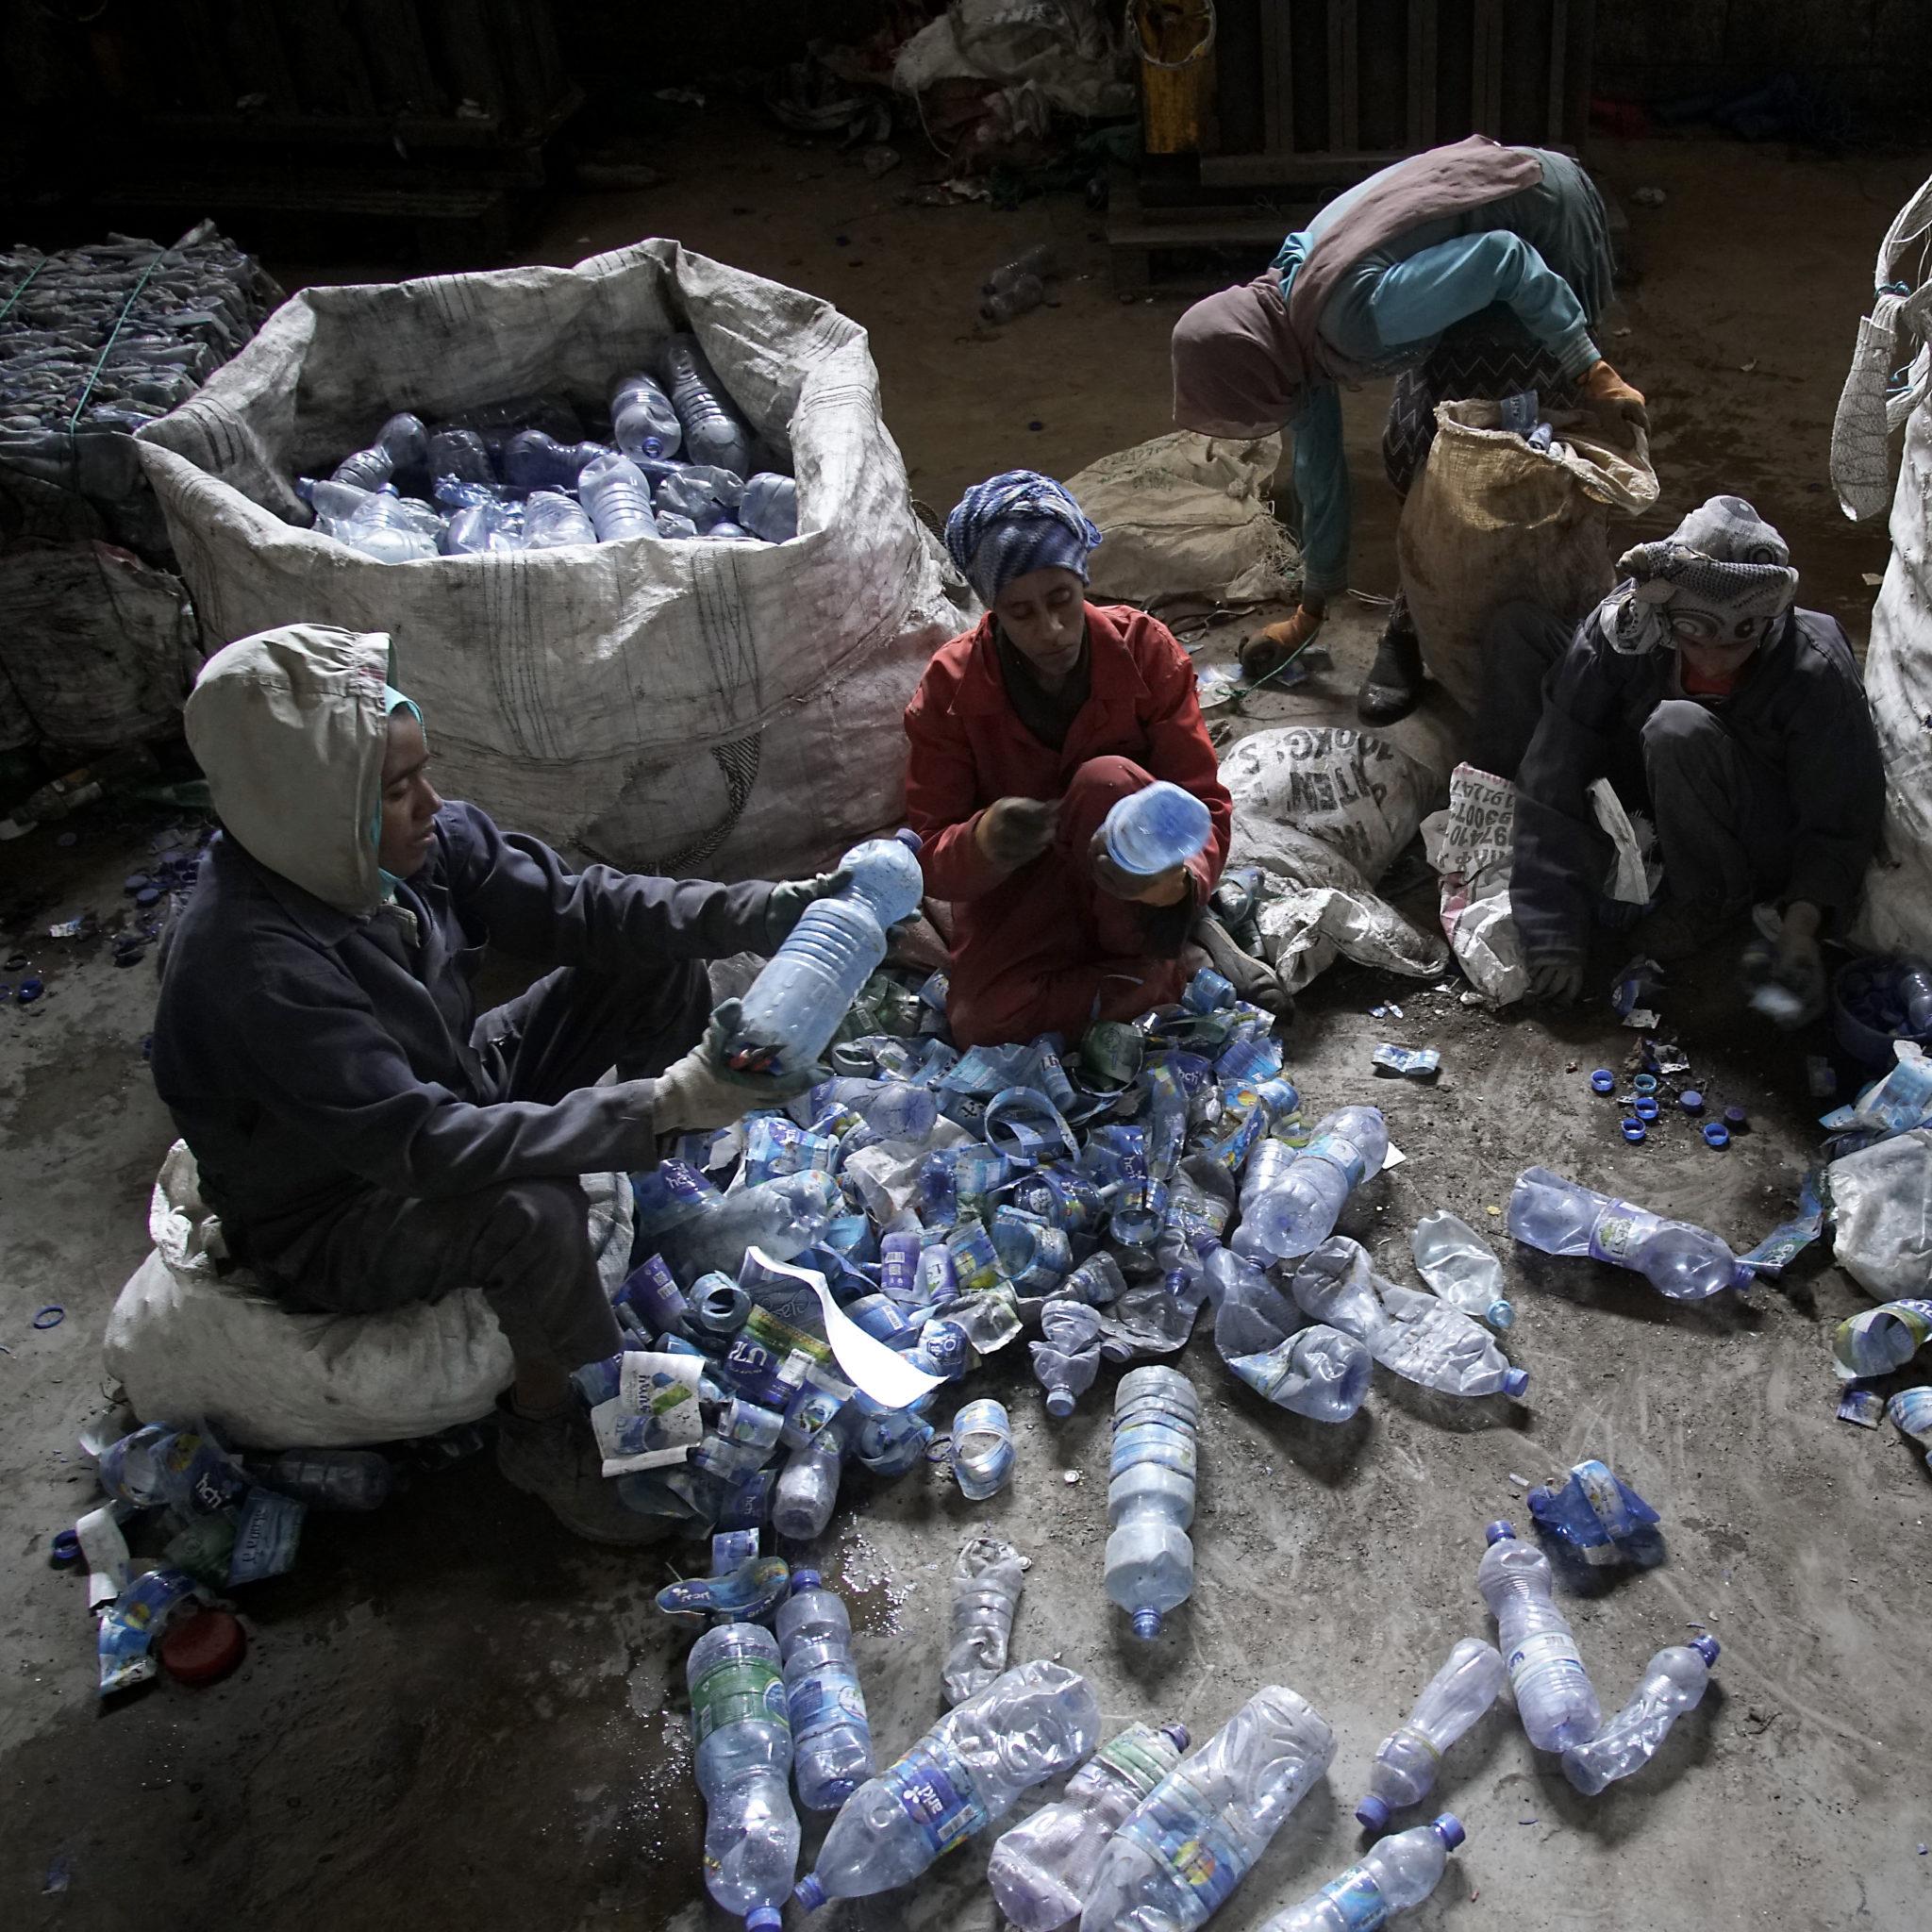 Kolme naista käsittelemässä tyhjiä muovipulloja.